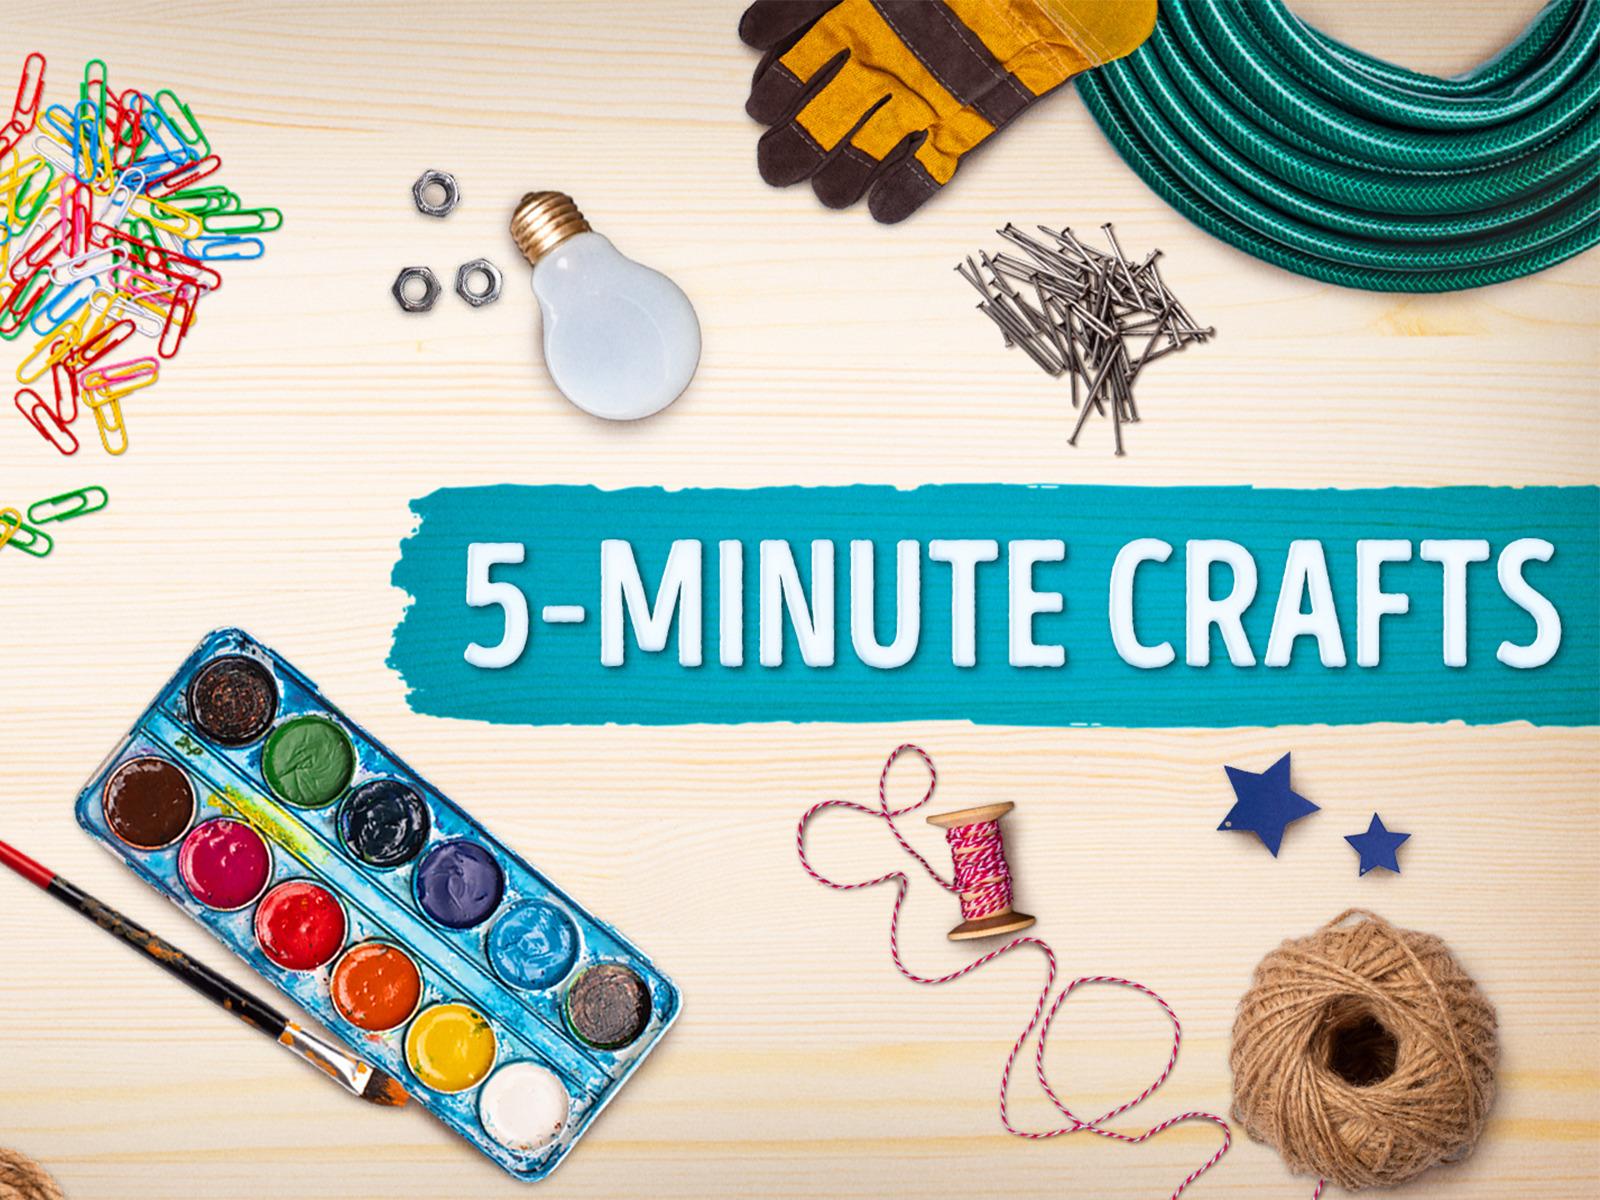 Prime Video 5 Minute Crafts